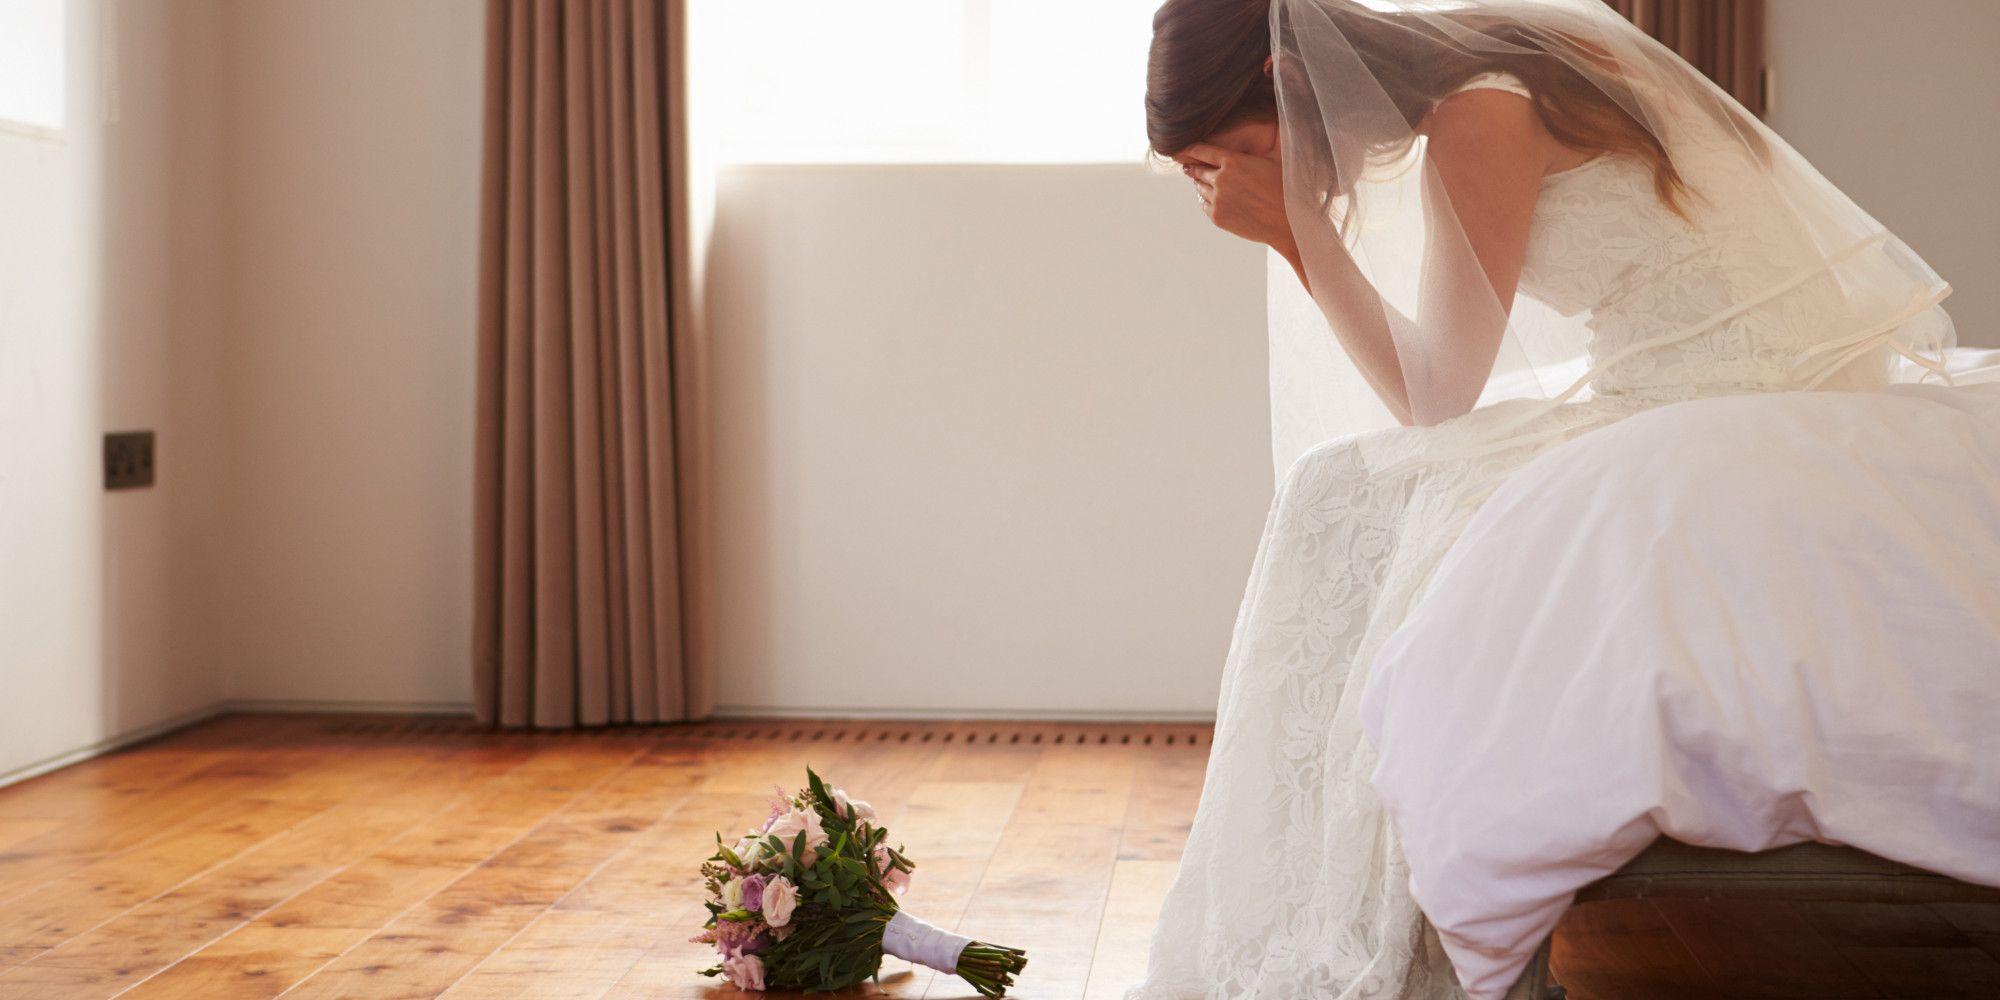 Sposo tradisce moglie con testimone di nozze